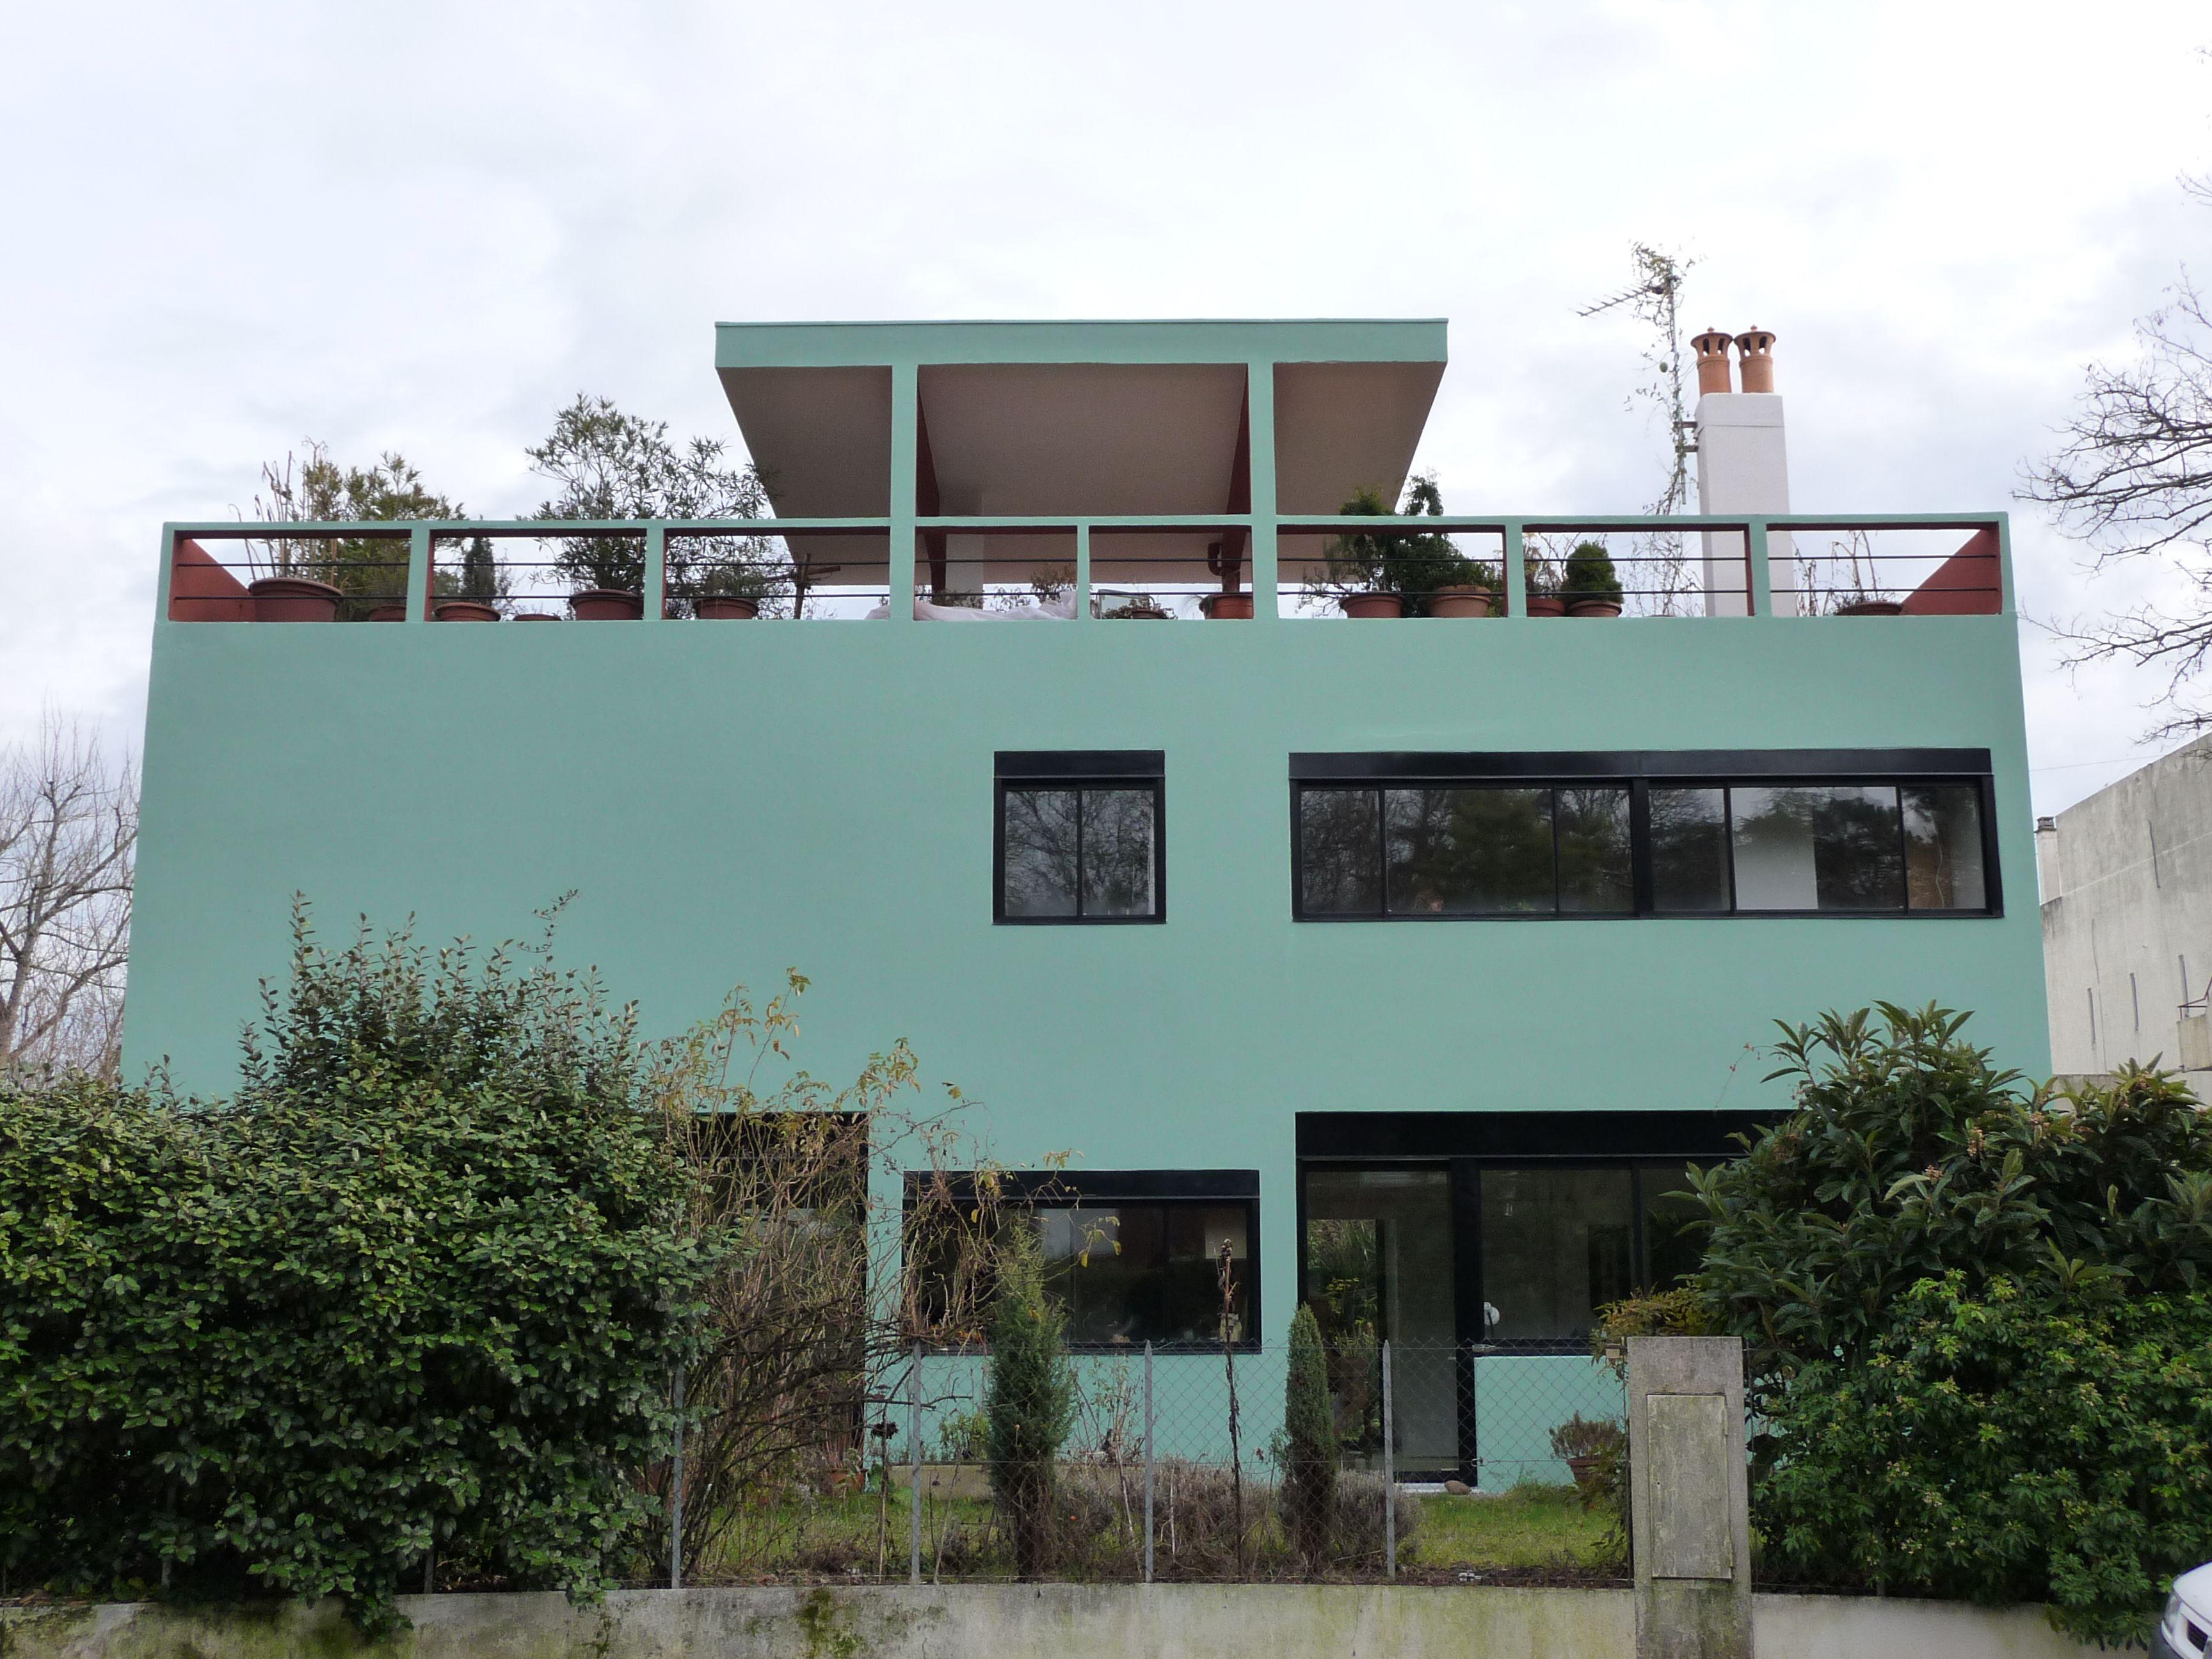 maisons bordeaux pessac bordeaux le corbusier architetture pinterest le corbusier. Black Bedroom Furniture Sets. Home Design Ideas